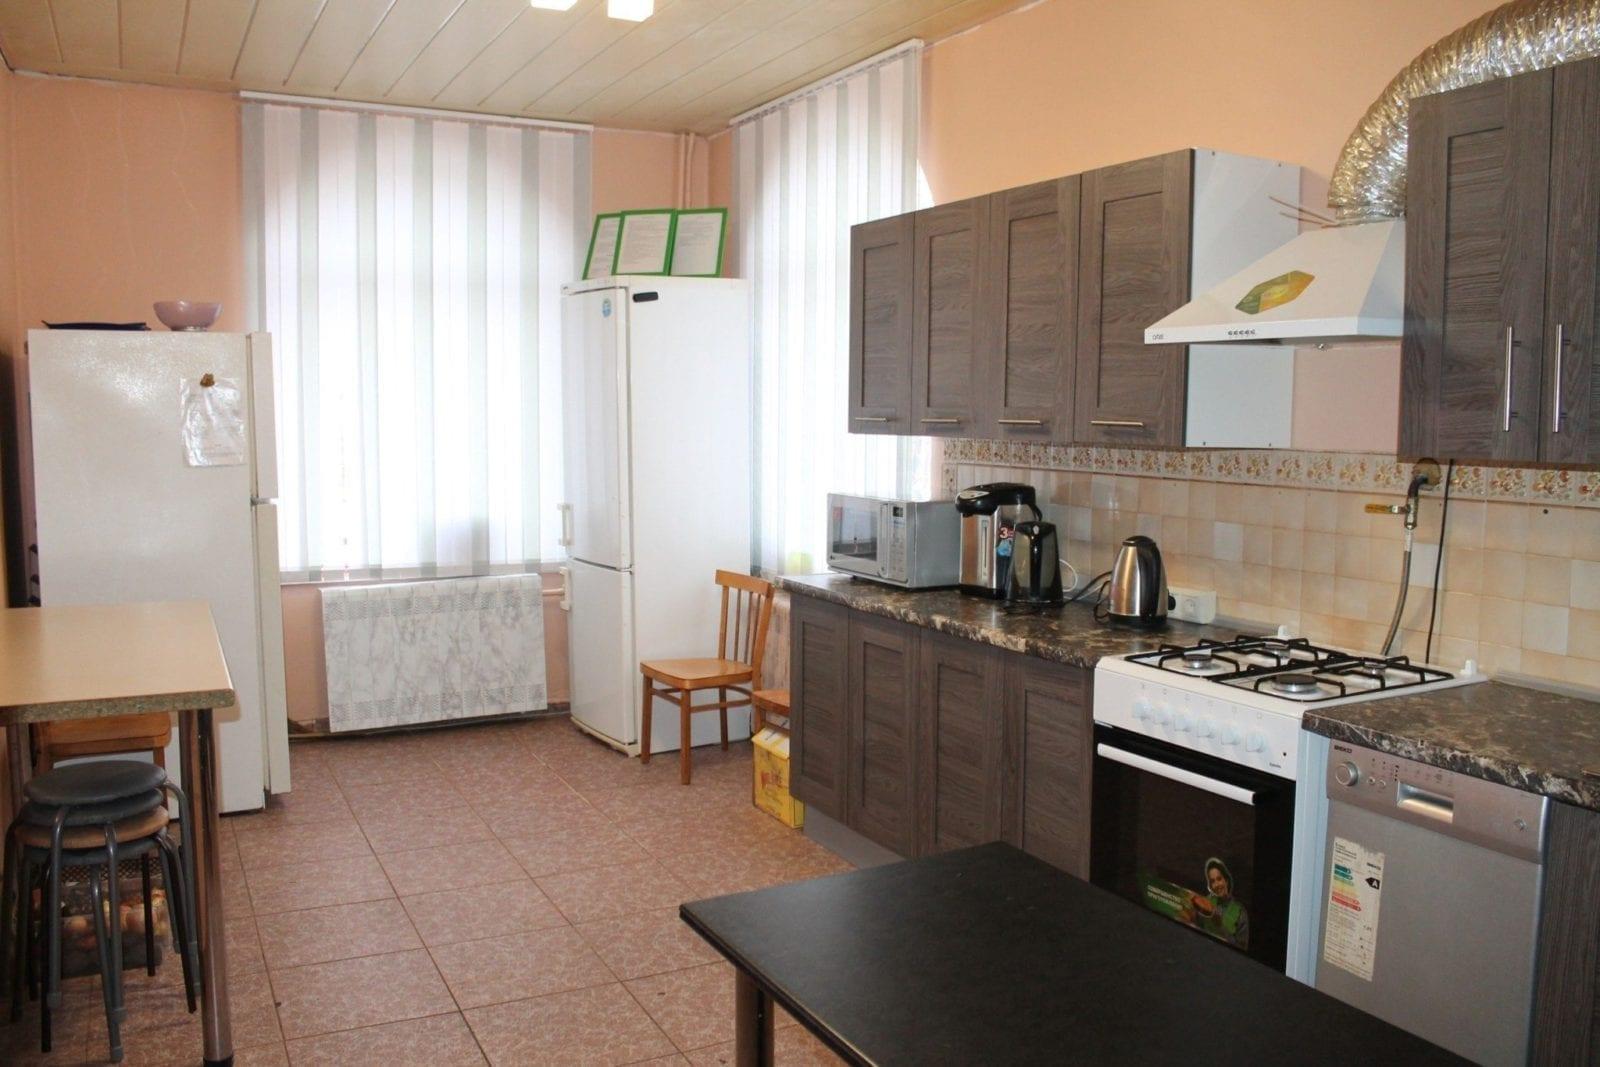 Реабилитационный центр для наркозависимых в Москве 4